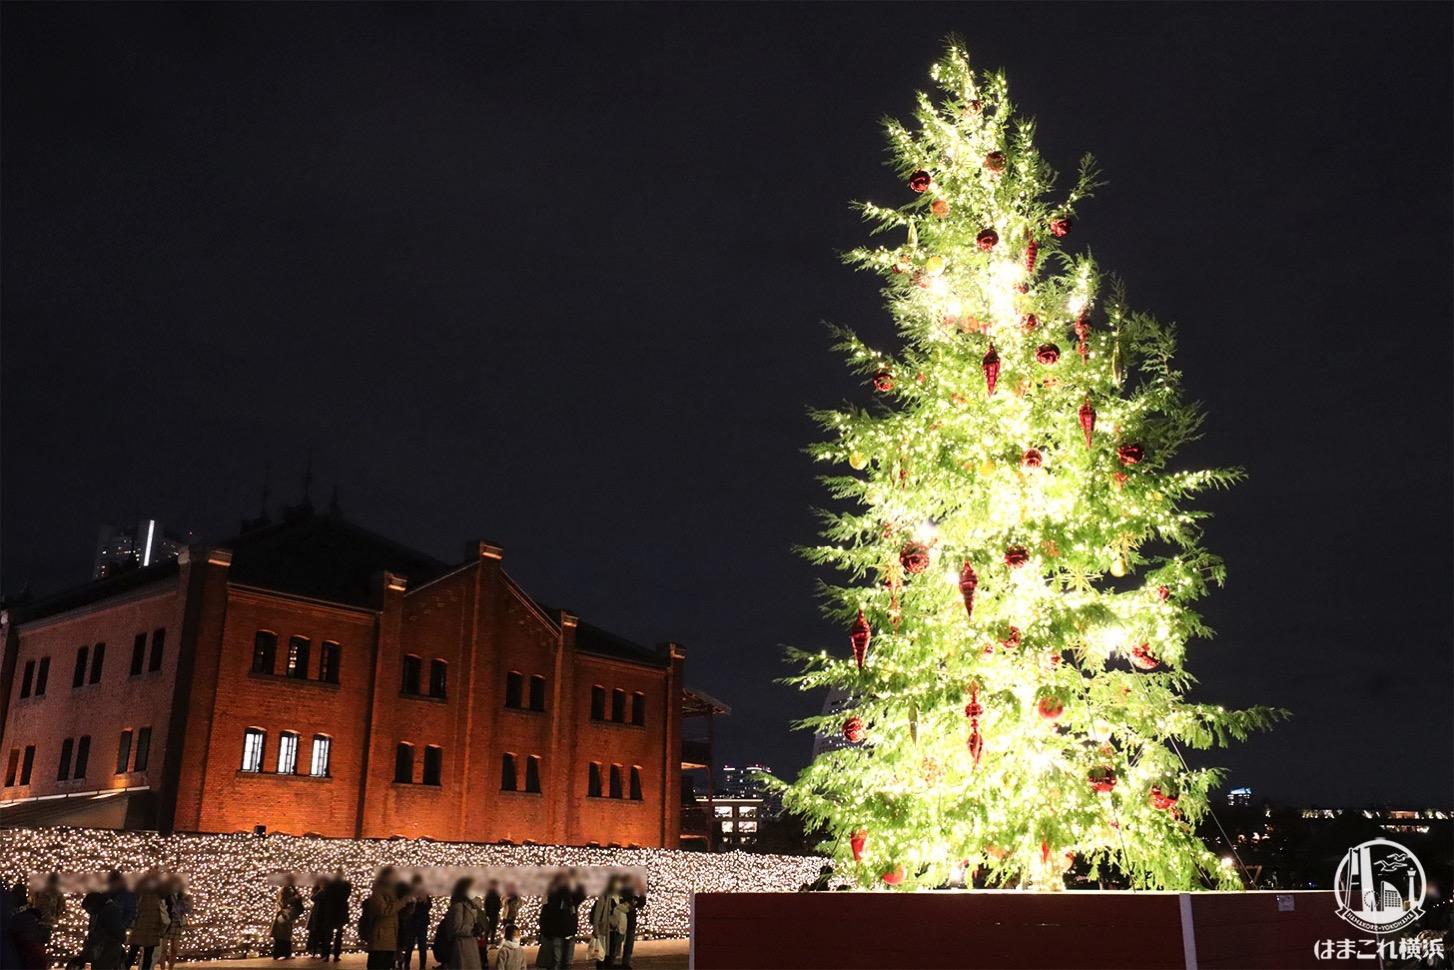 横浜赤レンガ倉庫 2020年クリスマスツリー